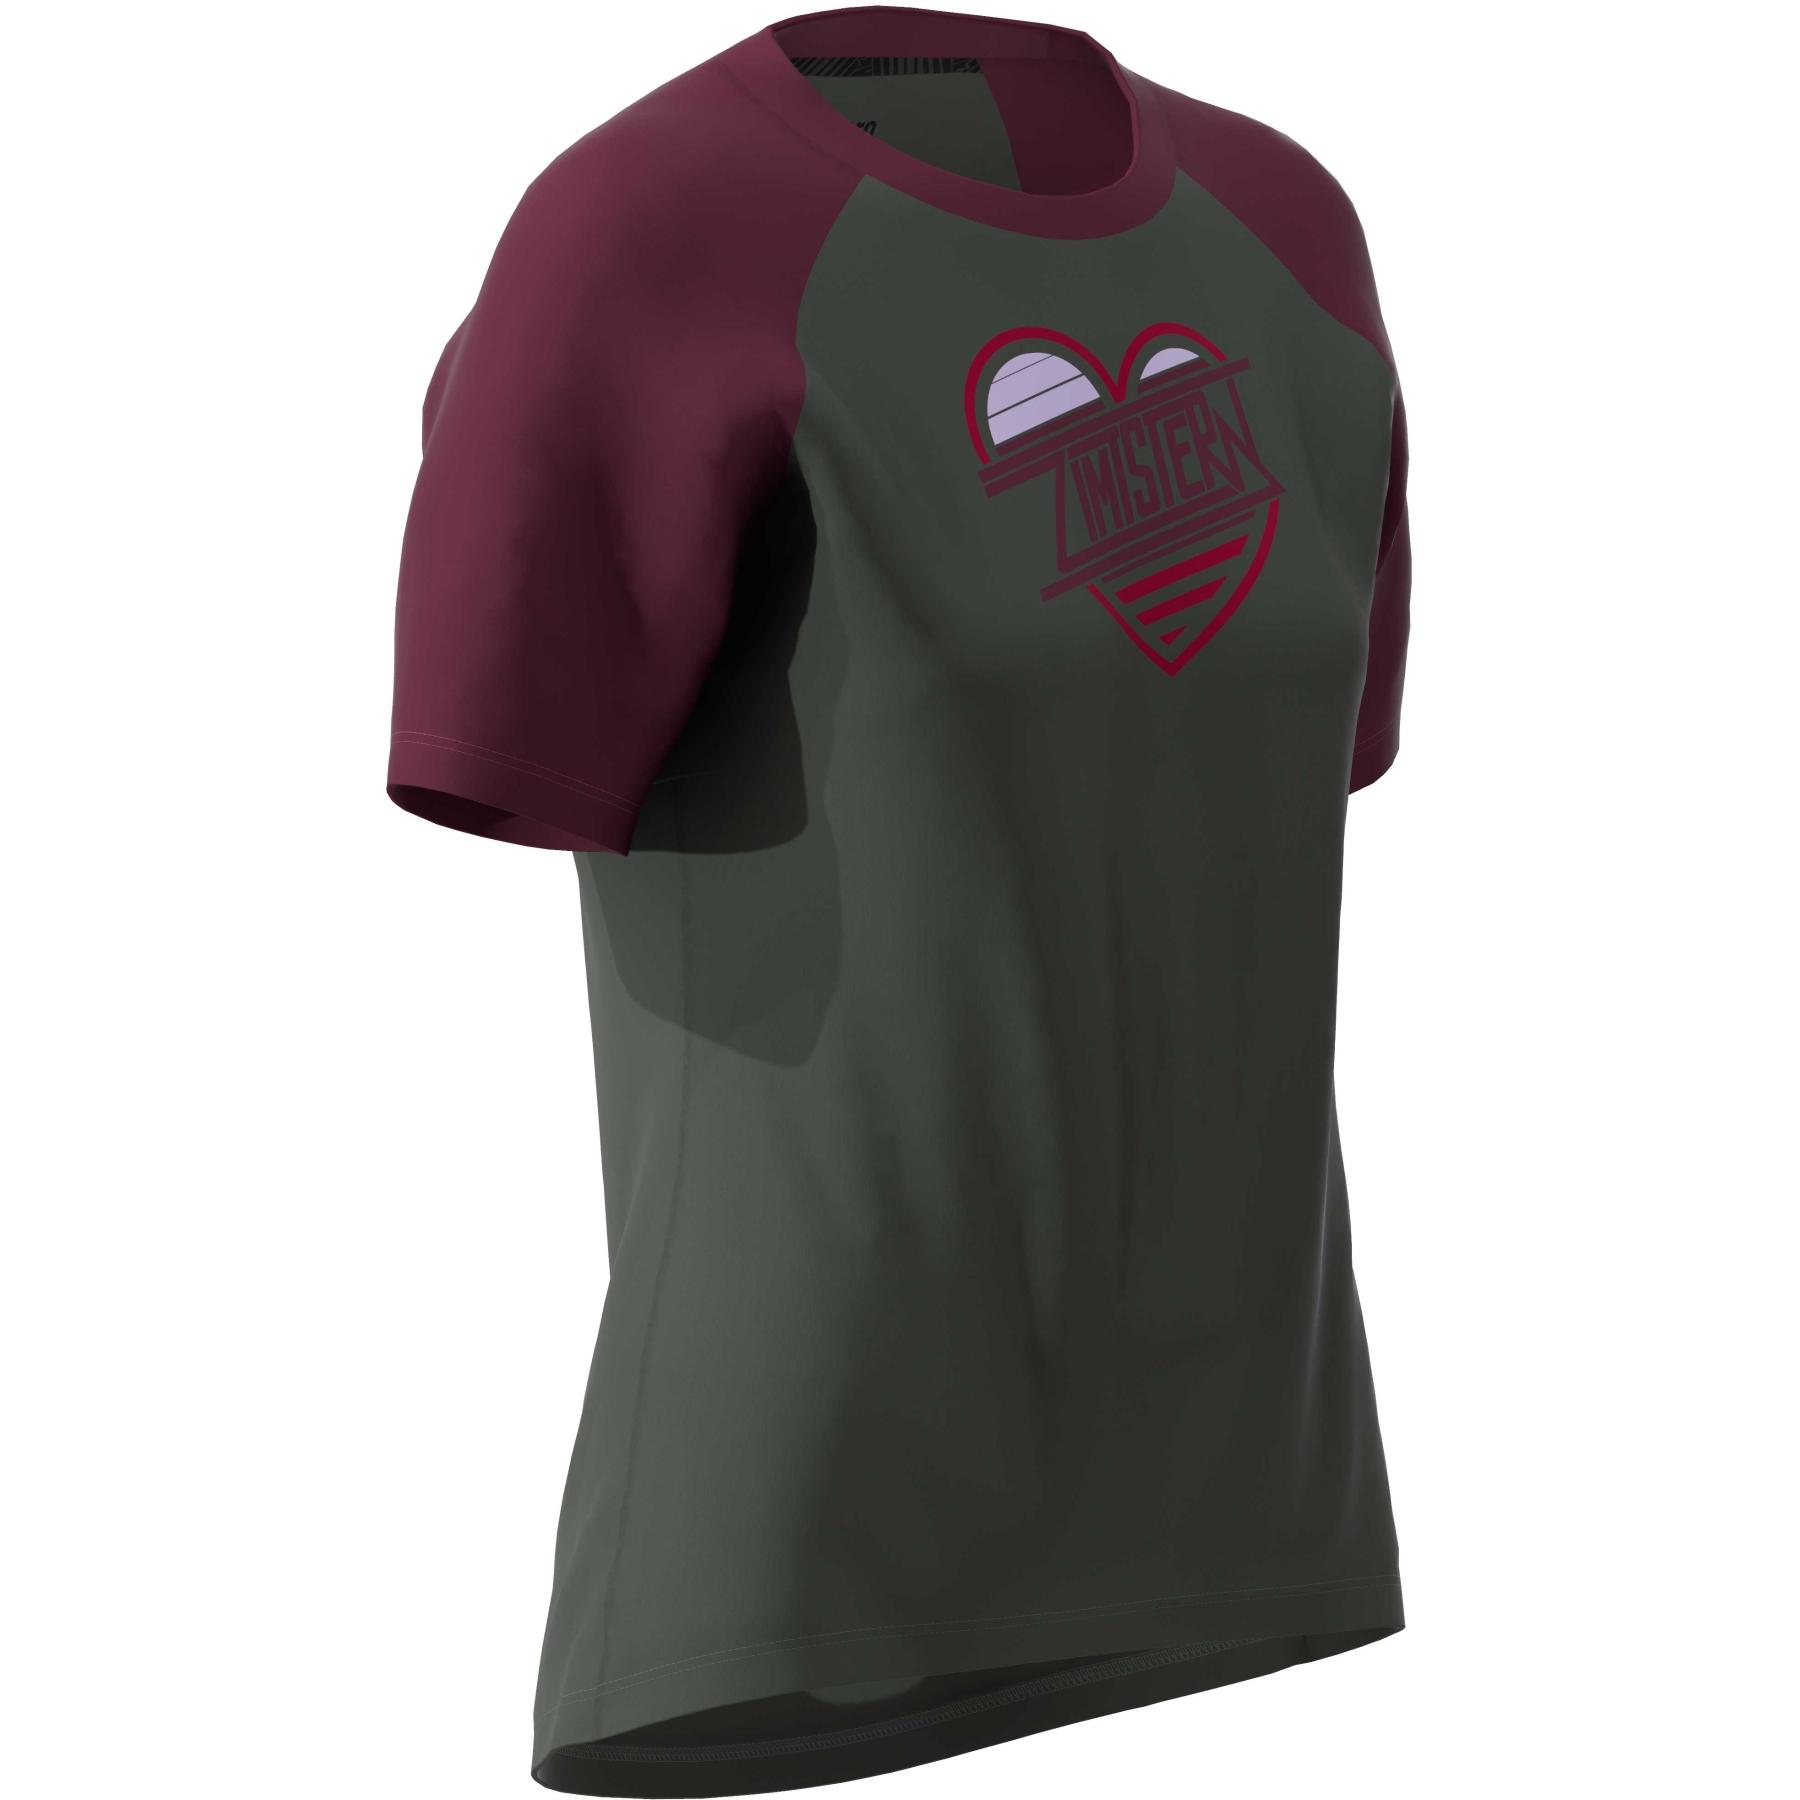 Bild von Zimtstern Heartz T-Shirt Damen - gun metal/windsor wine